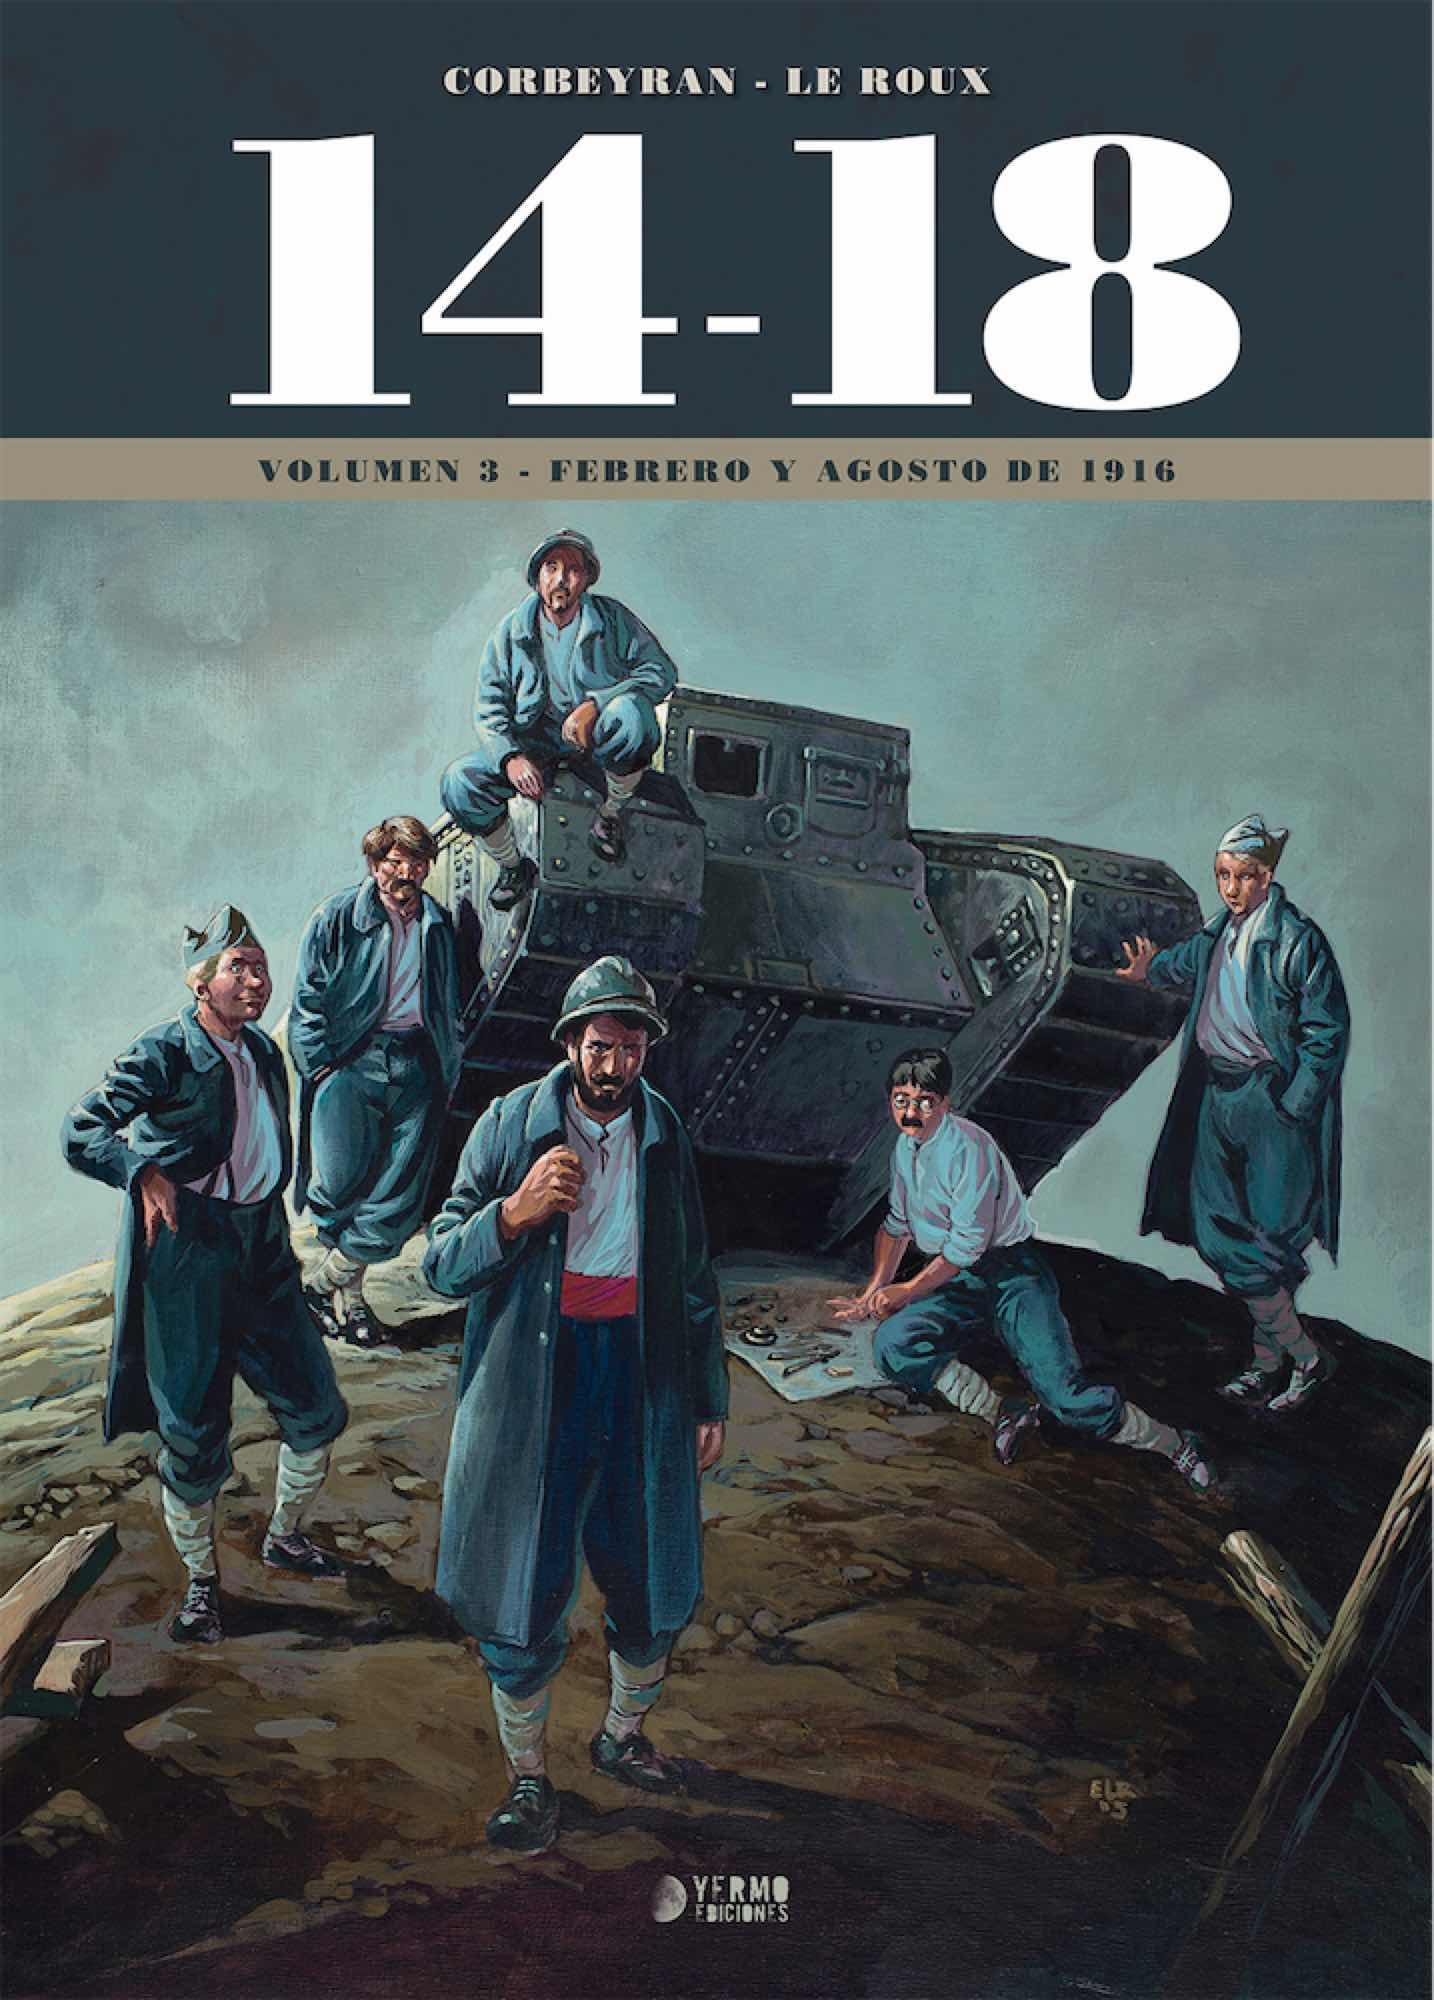 14-18 VOL. 3 (FEBRERO Y AGOSTO DE 1916)